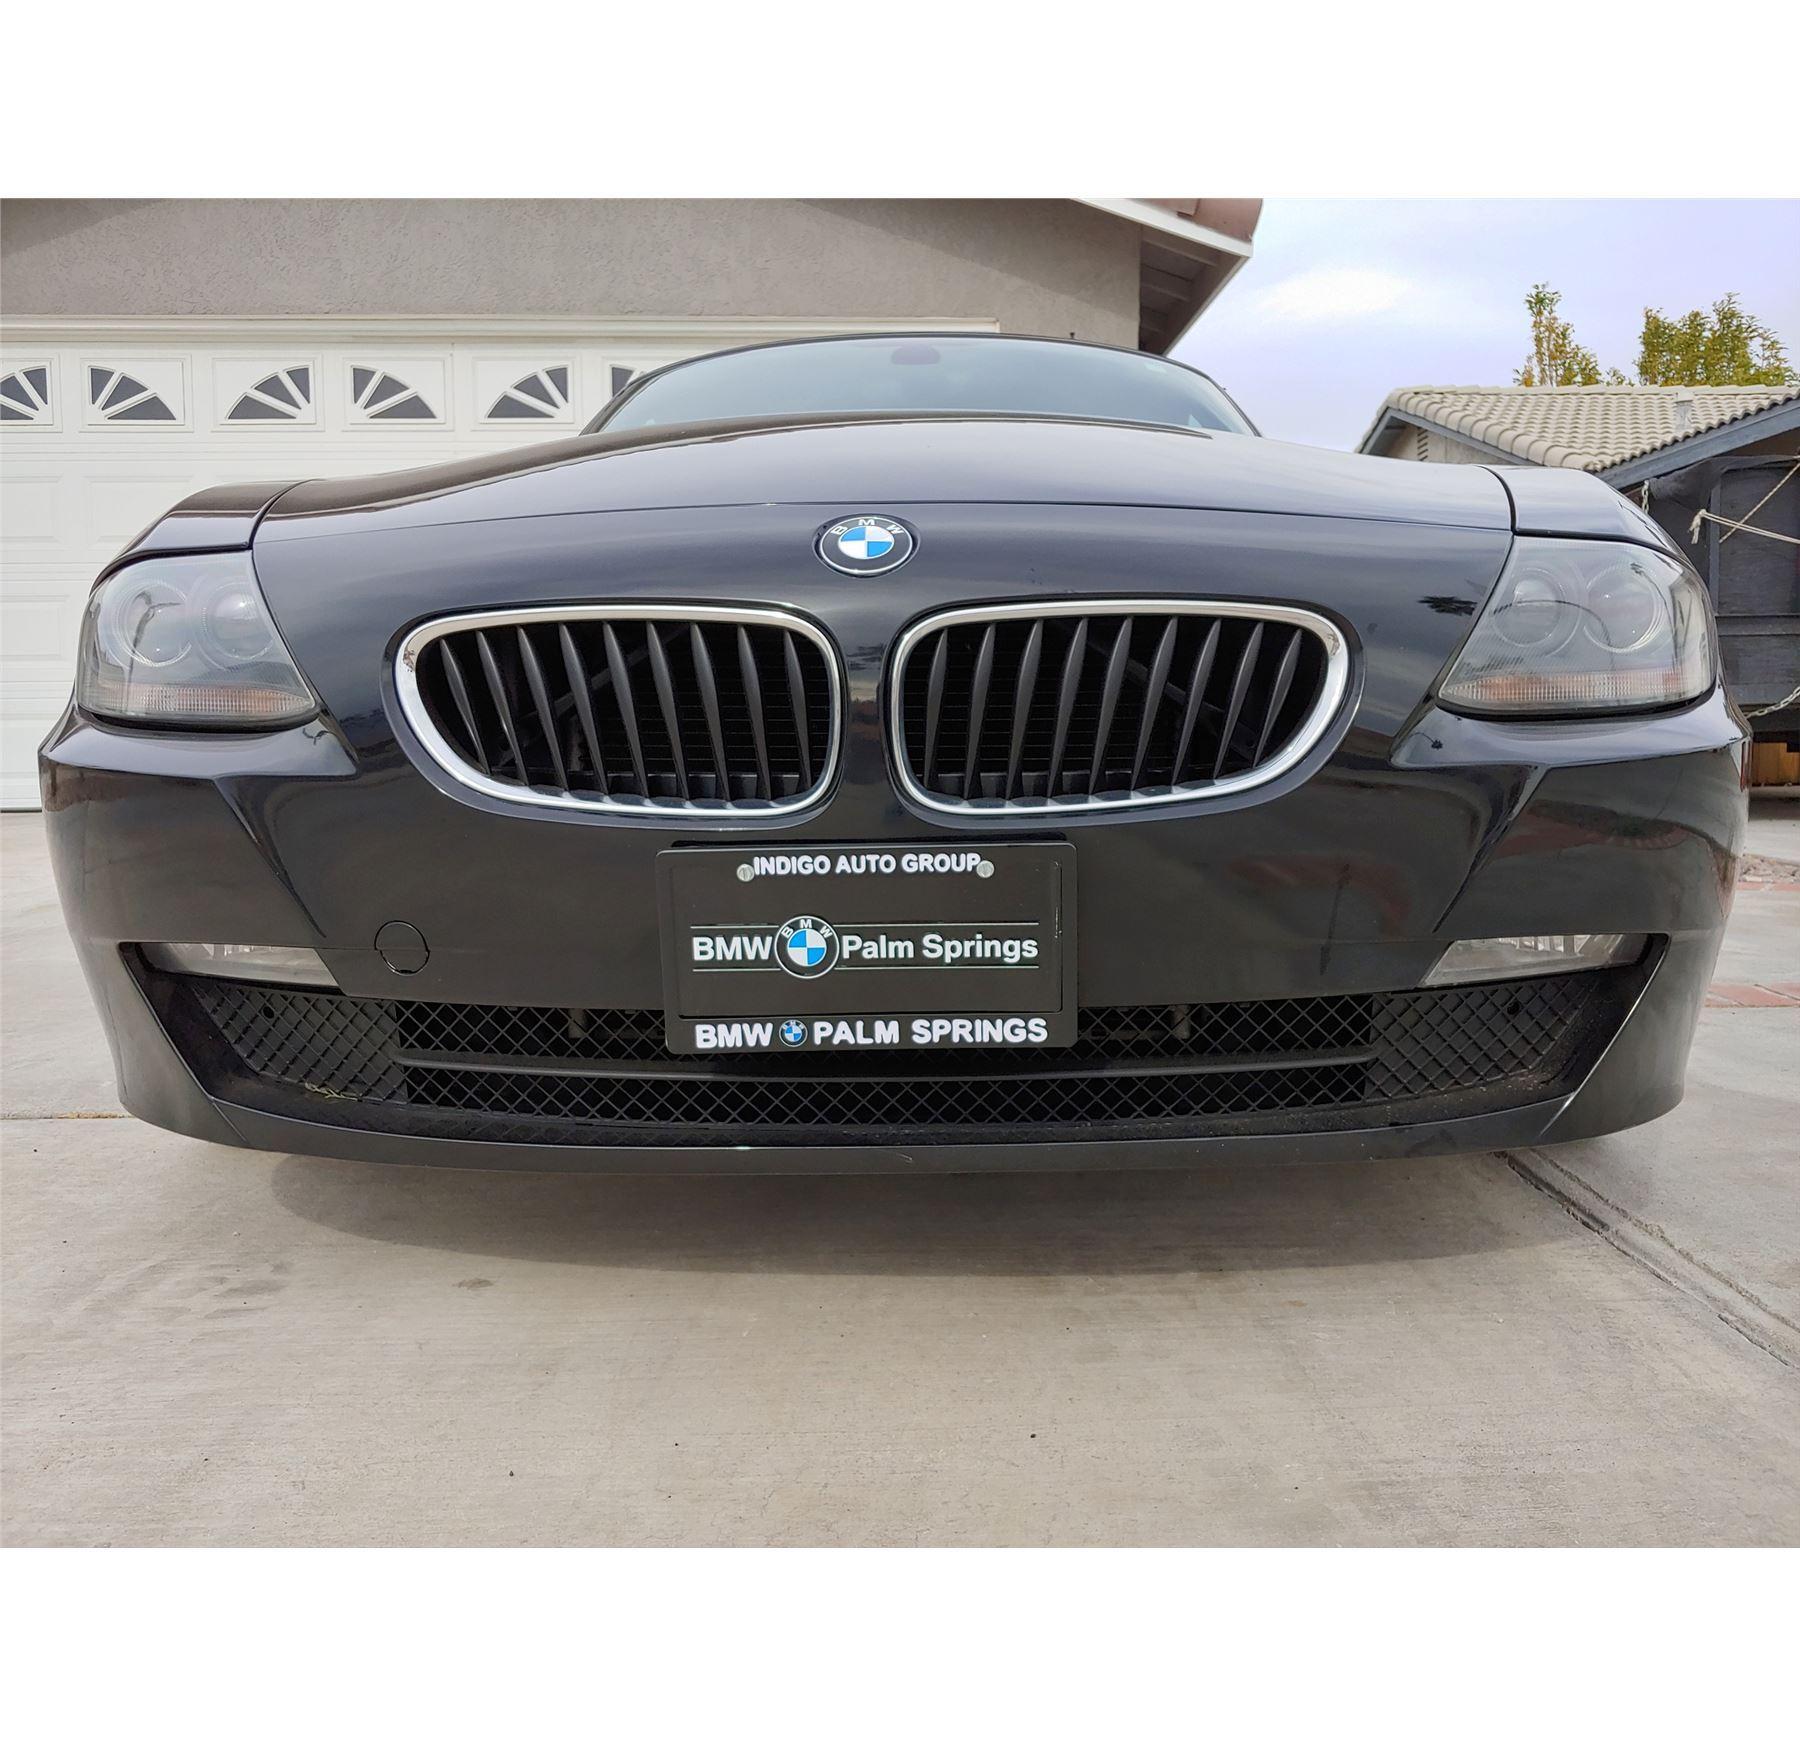 2008 Bmw Z4 Camshaft: 2008 BMW Z4 ROADSTER